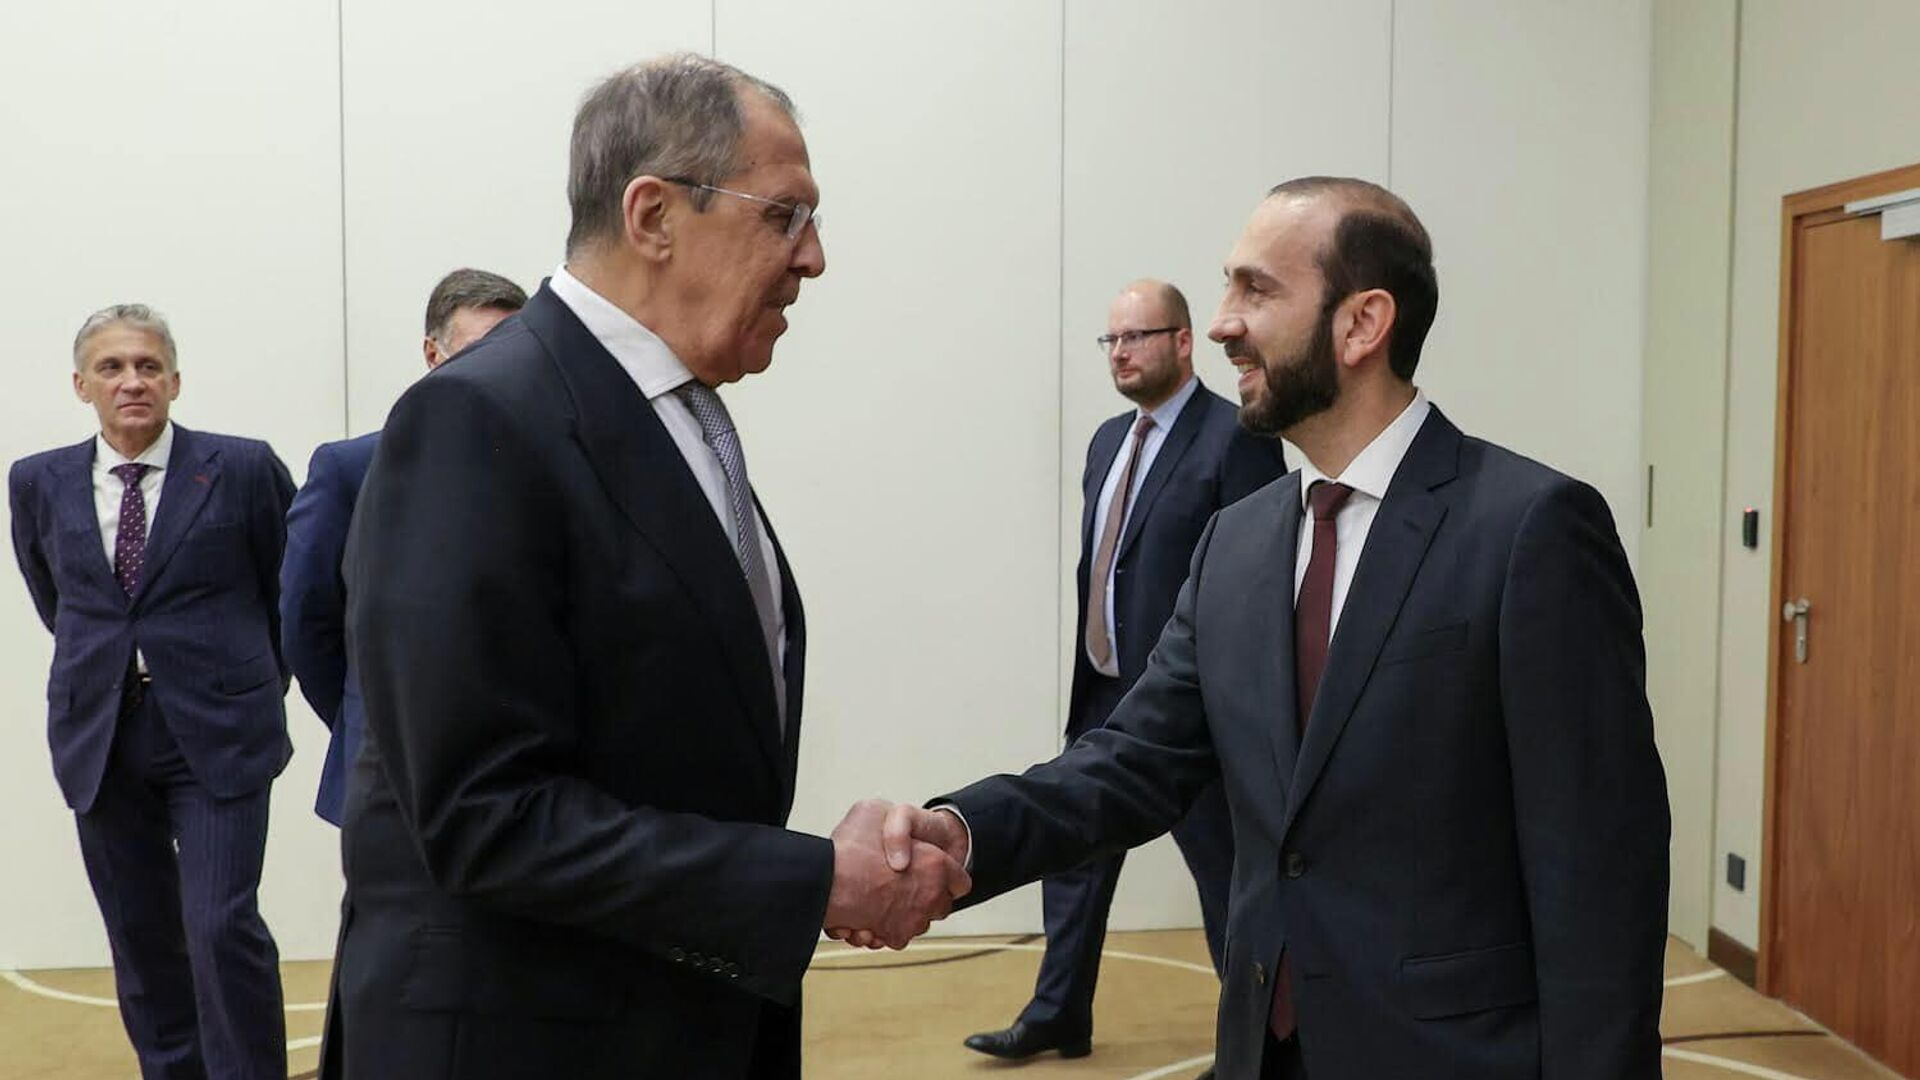 Հայաստանի և Ռուսաստանի ԱԳ նախարարների հանդիպումը - Sputnik Արմենիա, 1920, 14.10.2021